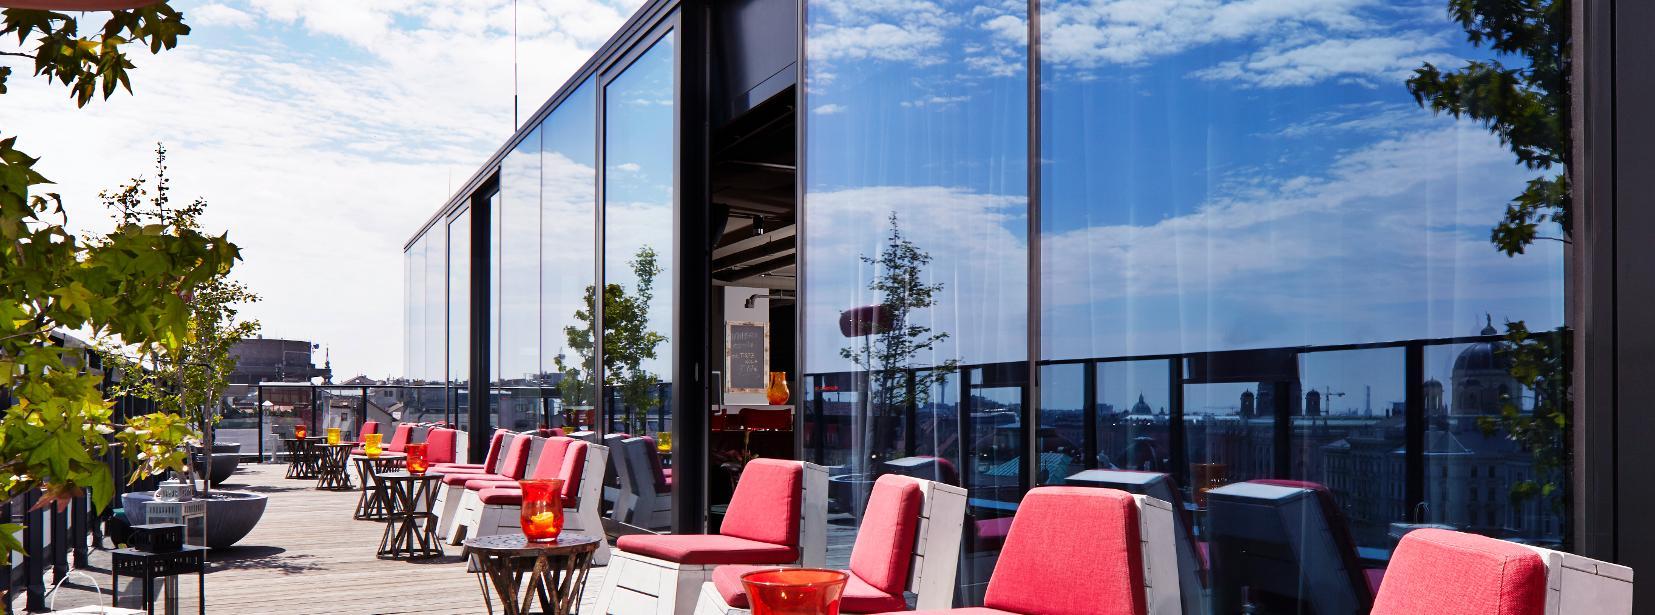 Astounding Dachboden Referenz Von At 25hours Hotel Vienna